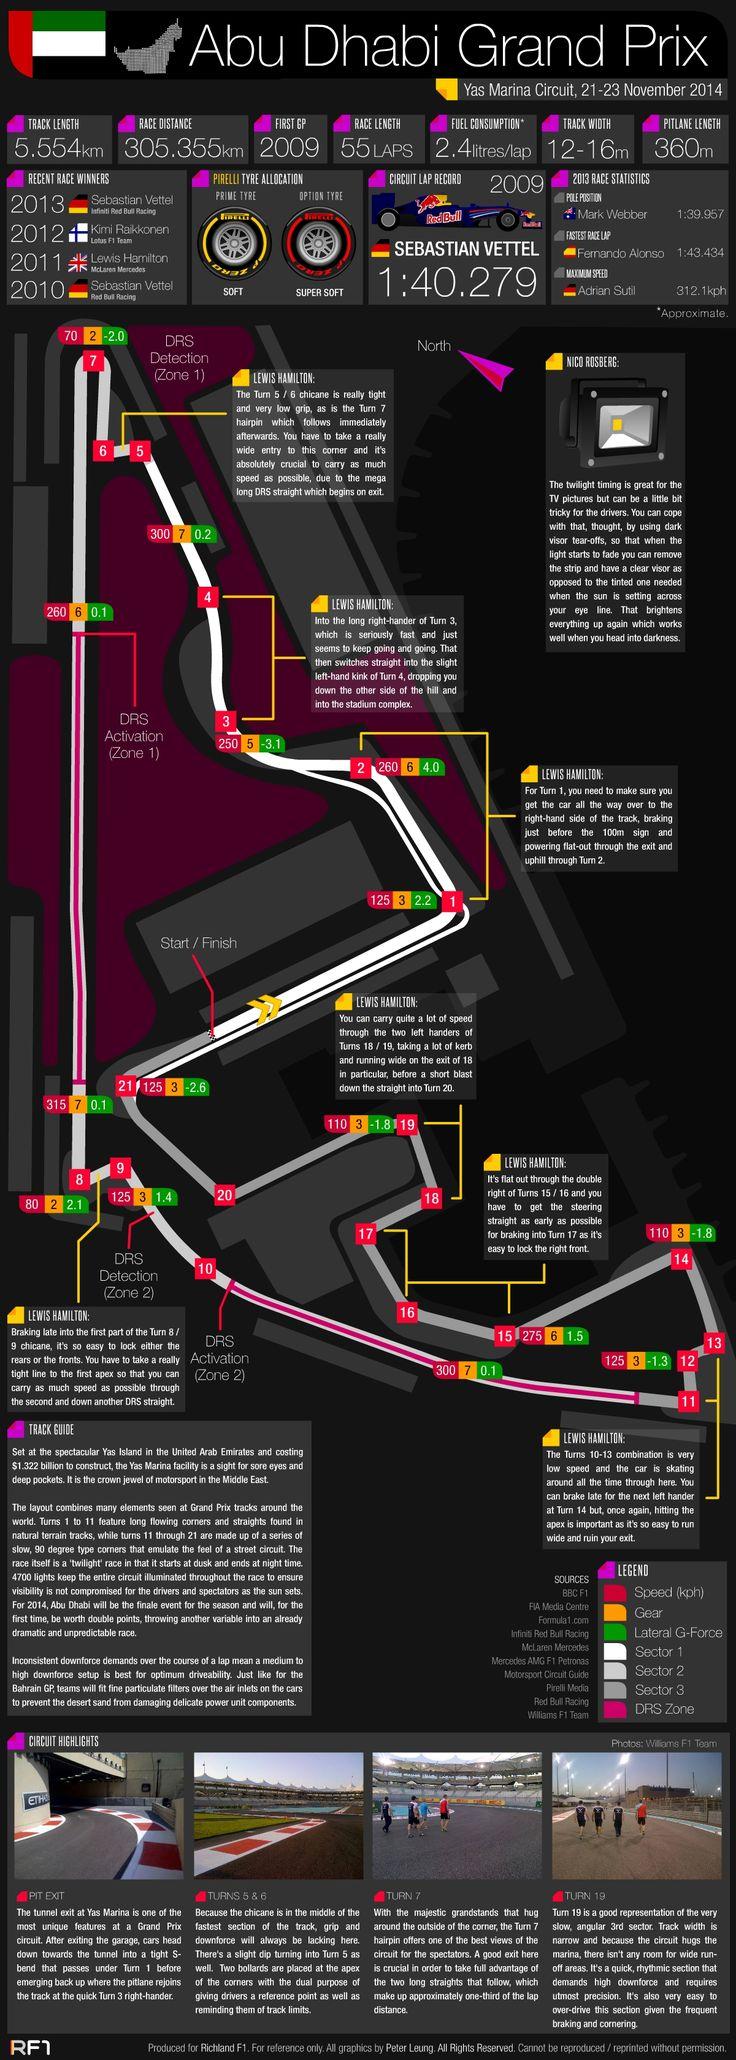 Grand Prix Guide - 2014 Abu Dhabi Grand Prix #F1